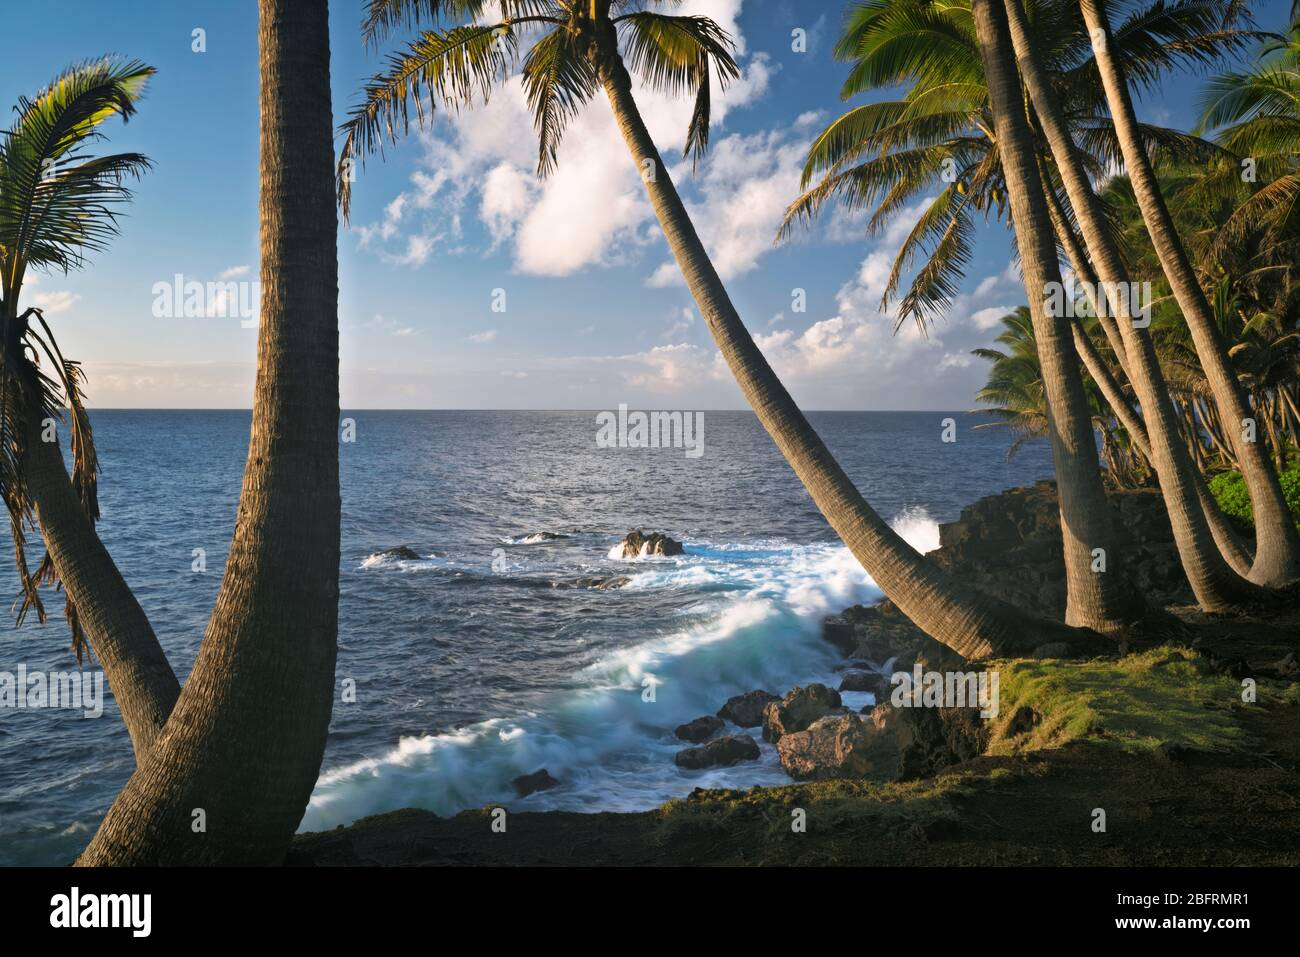 Magisches Morgenlicht entlang der palmengesäumten Puna-Küste auf der Big Island von Hawaii. Stockfoto